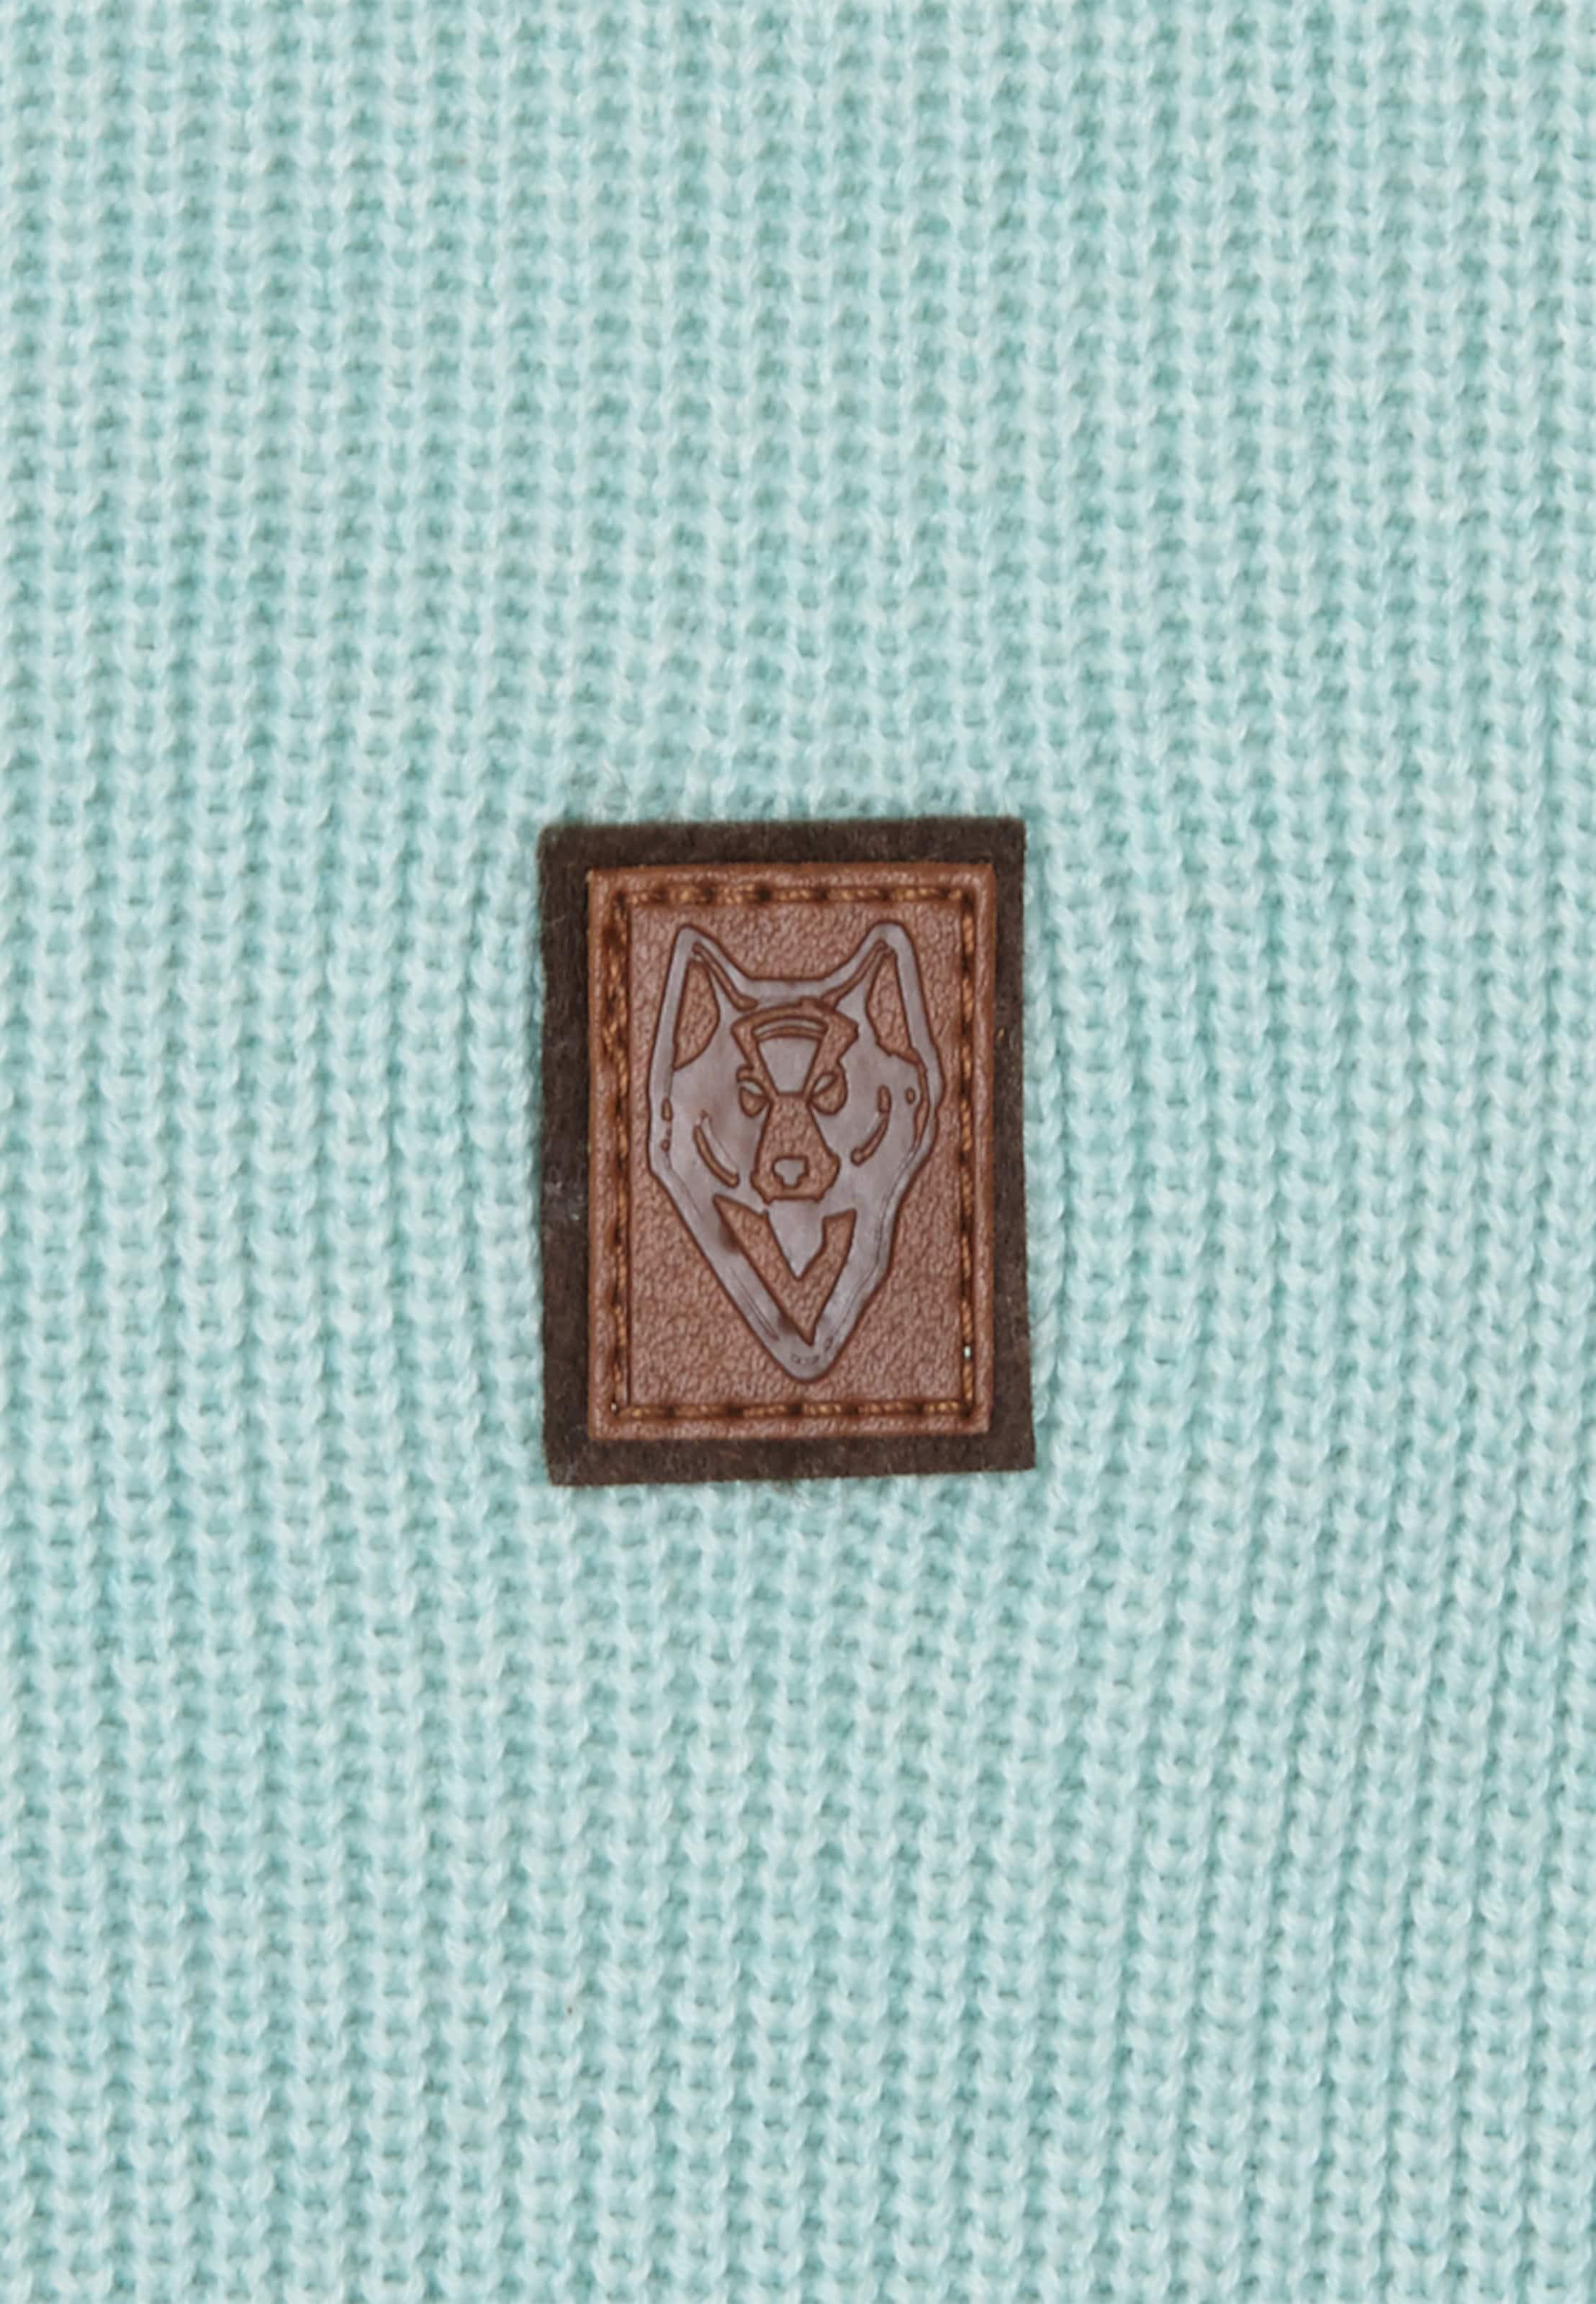 Freies Verschiffen Niedriger Versand Freies Verschiffen Neue Stile naketano Male Knit 'Mortal Men III' Günstig Kaufen Eastbay Original Zum Verkauf QvkXsHdP